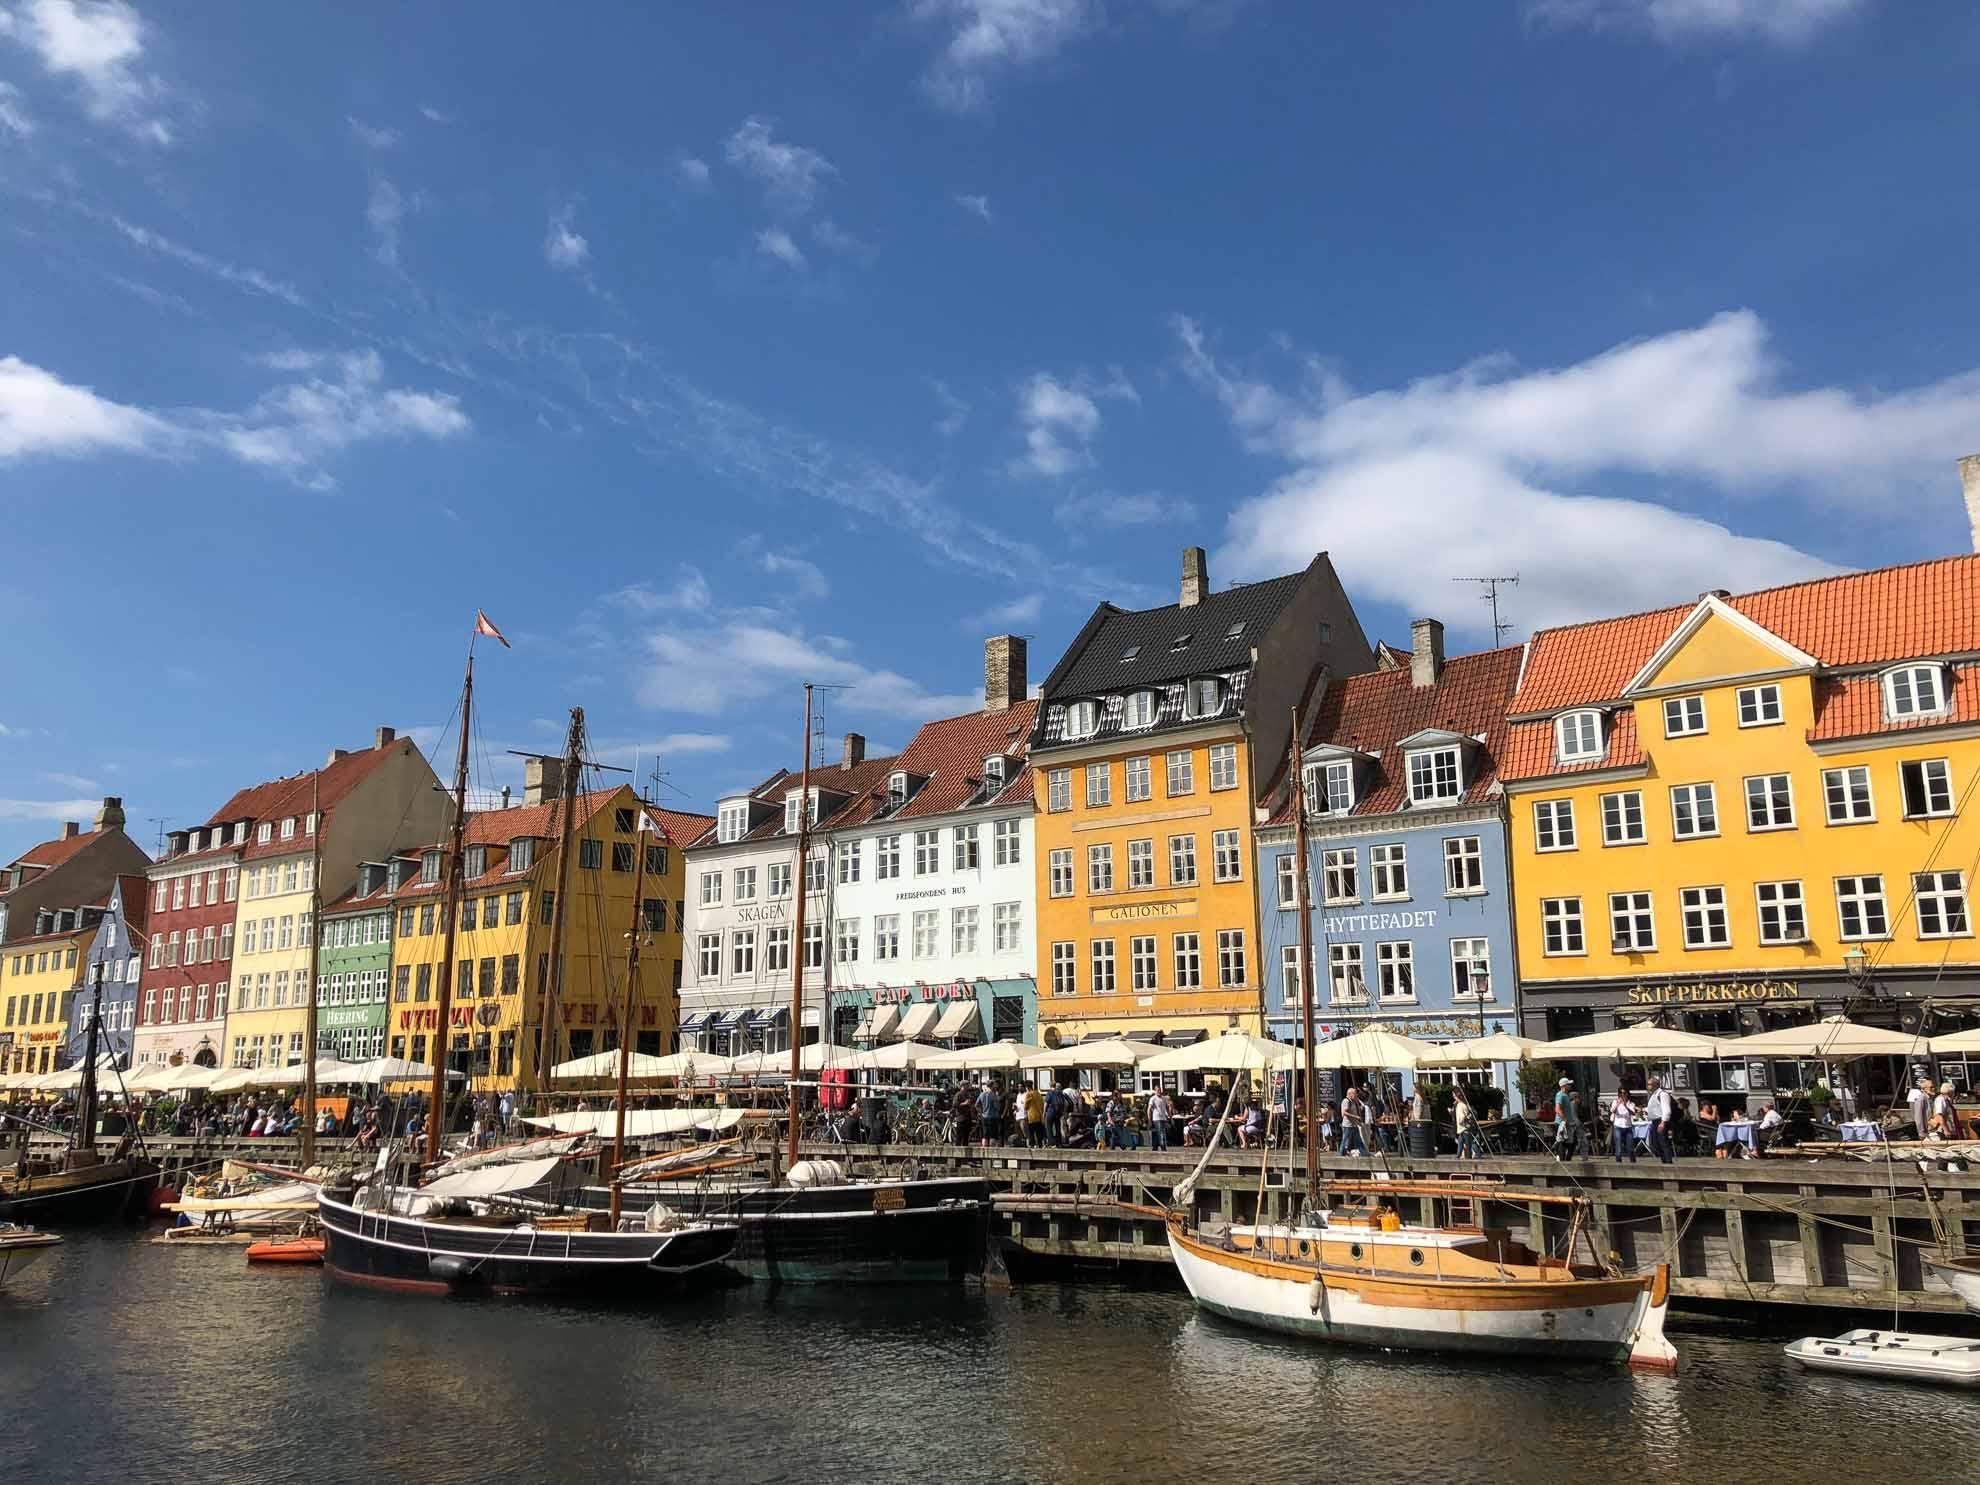 """Der """"Nyhavn"""" mit bunten Häusern und historischen Schiffen."""